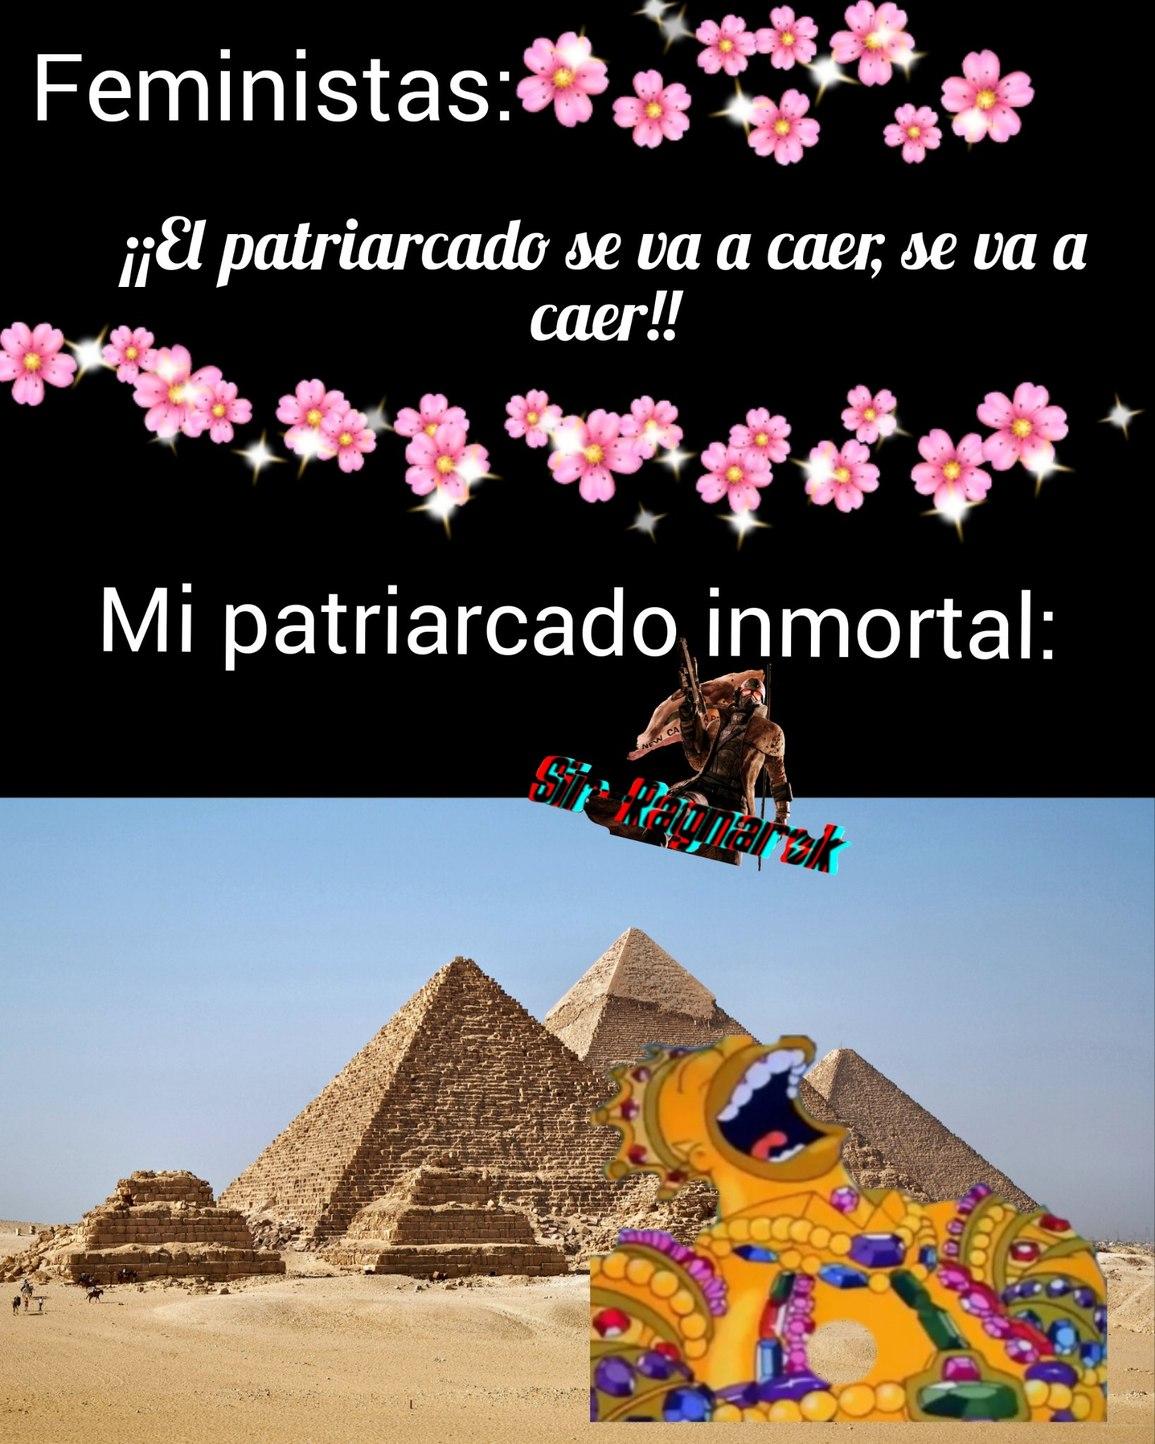 Jaja, es gracioso porque la piramide es de las formas geometricas mas estables,           rianse - meme